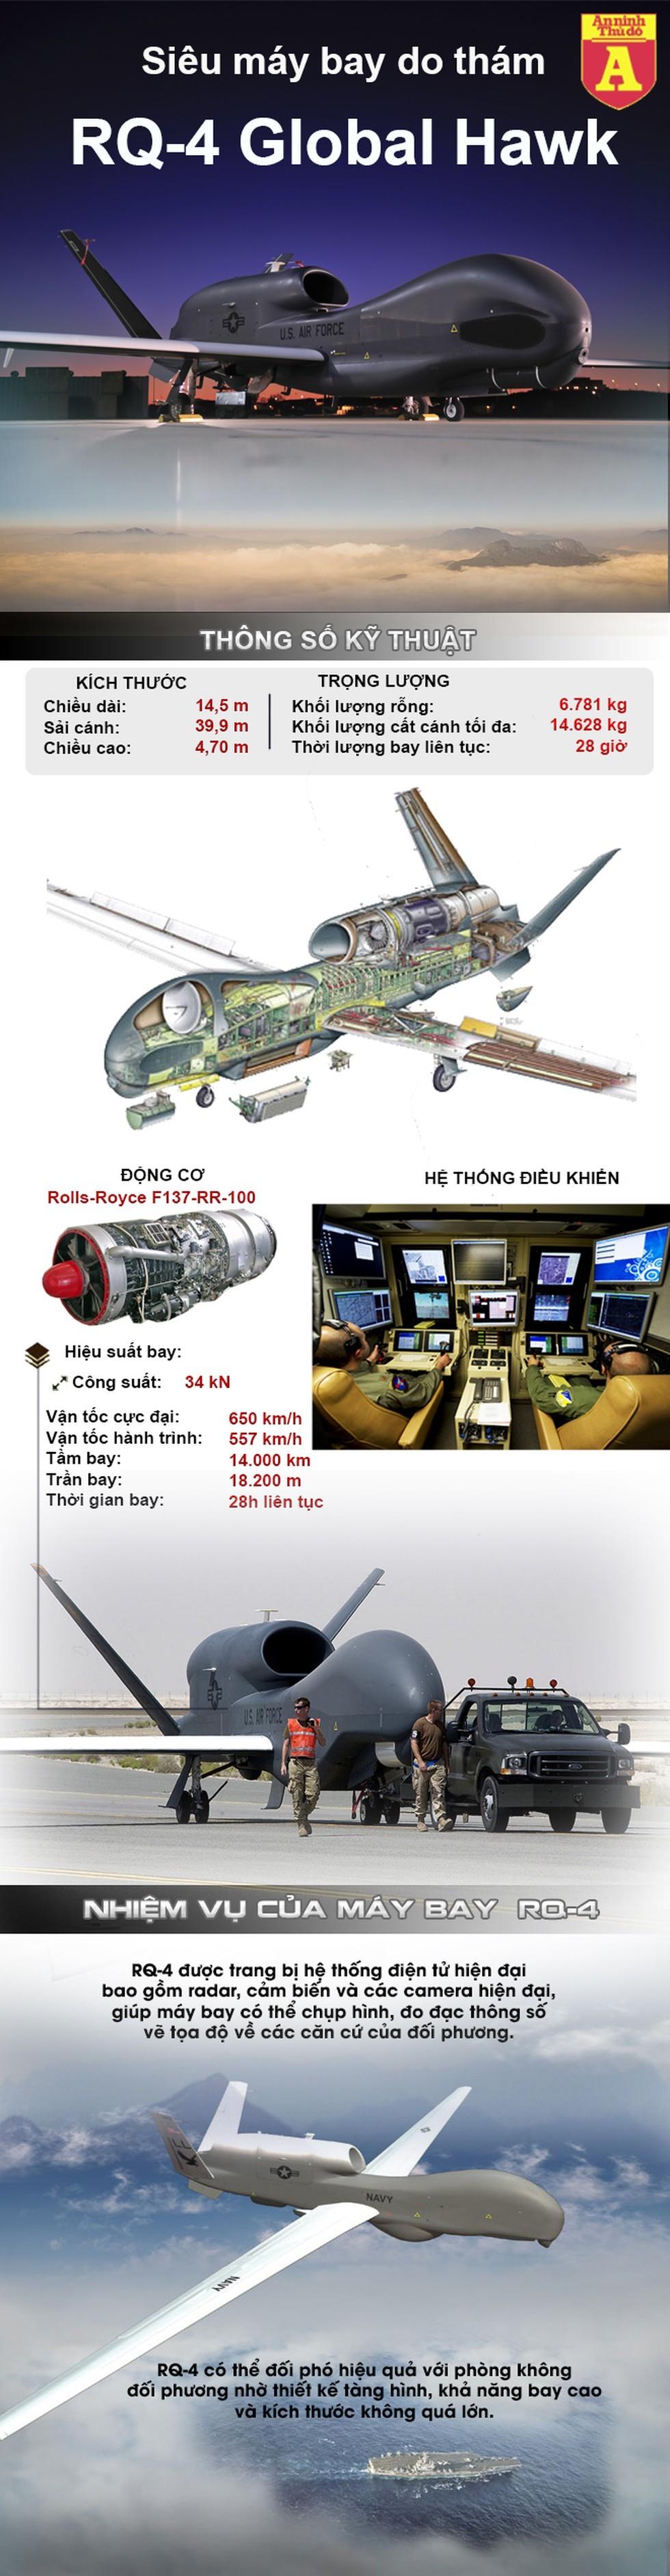 """[Info] Lo ngại """"quà giáng sinh"""" từ Triều Tiên, 4 máy bay do thám Mỹ quần đảo trên không ảnh 4"""